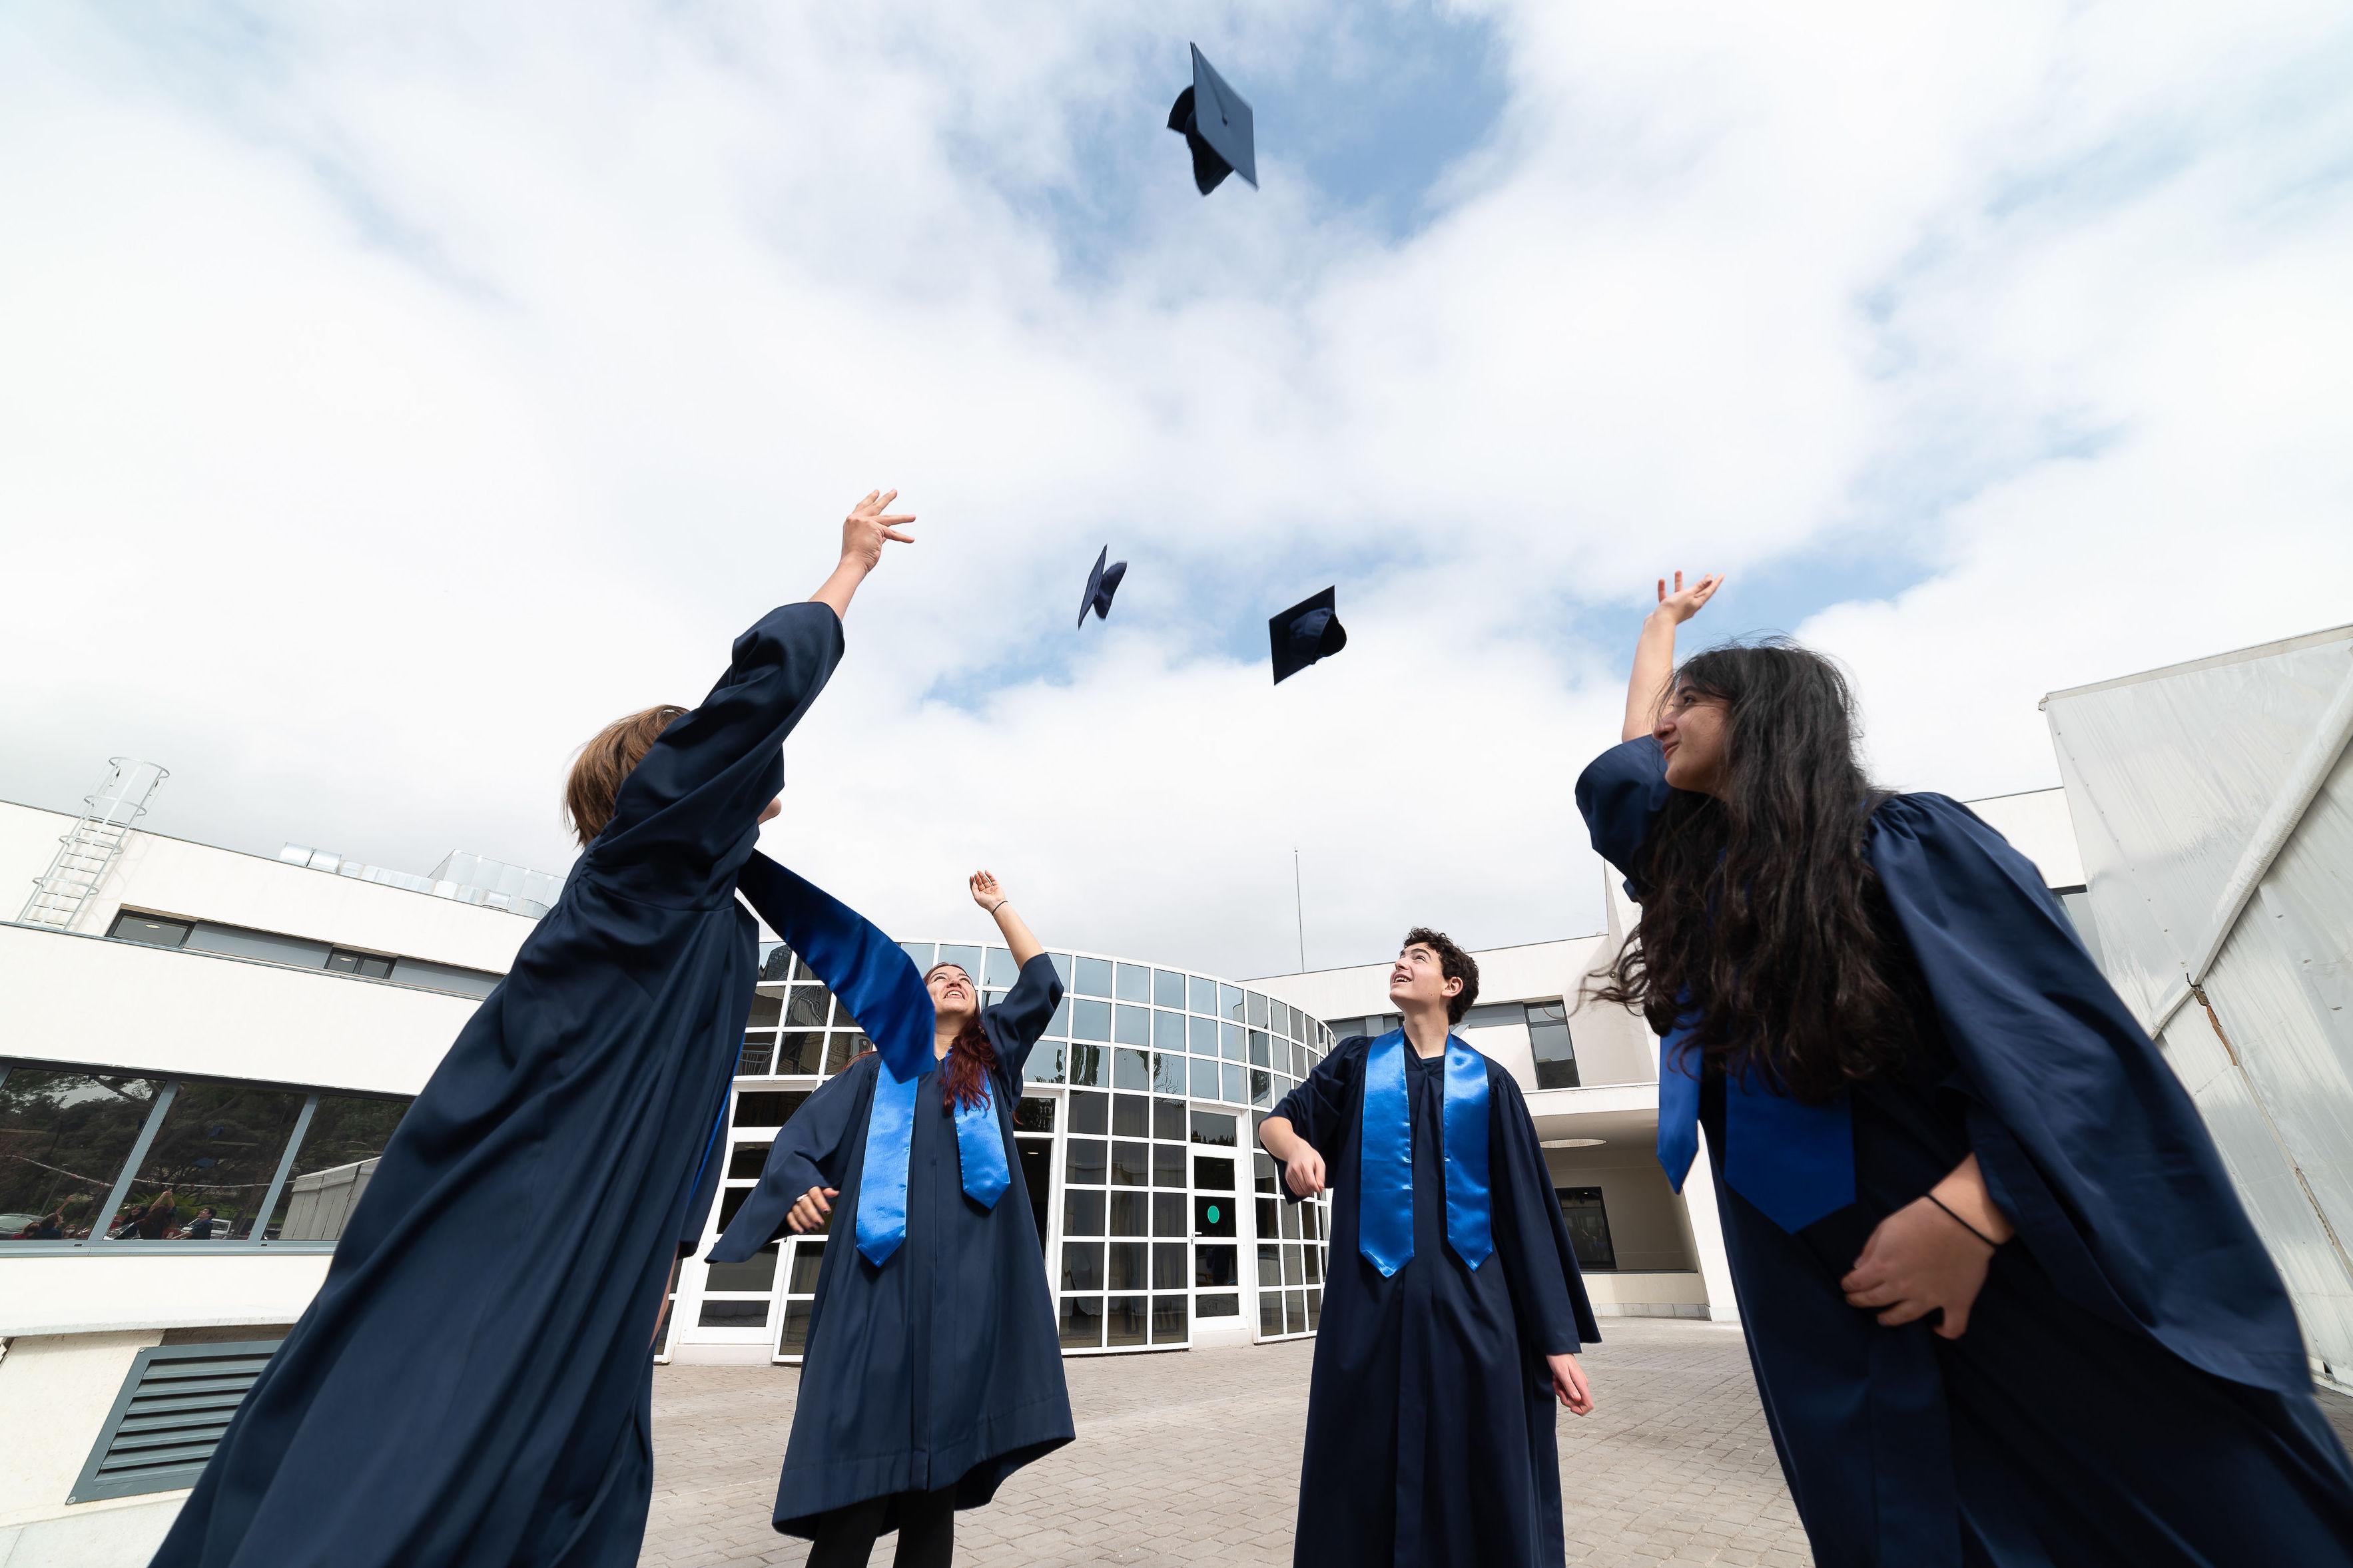 Foto 13 de Colegios privados con enseñanza totalmente en inglés en La Moraleja | International College Spain